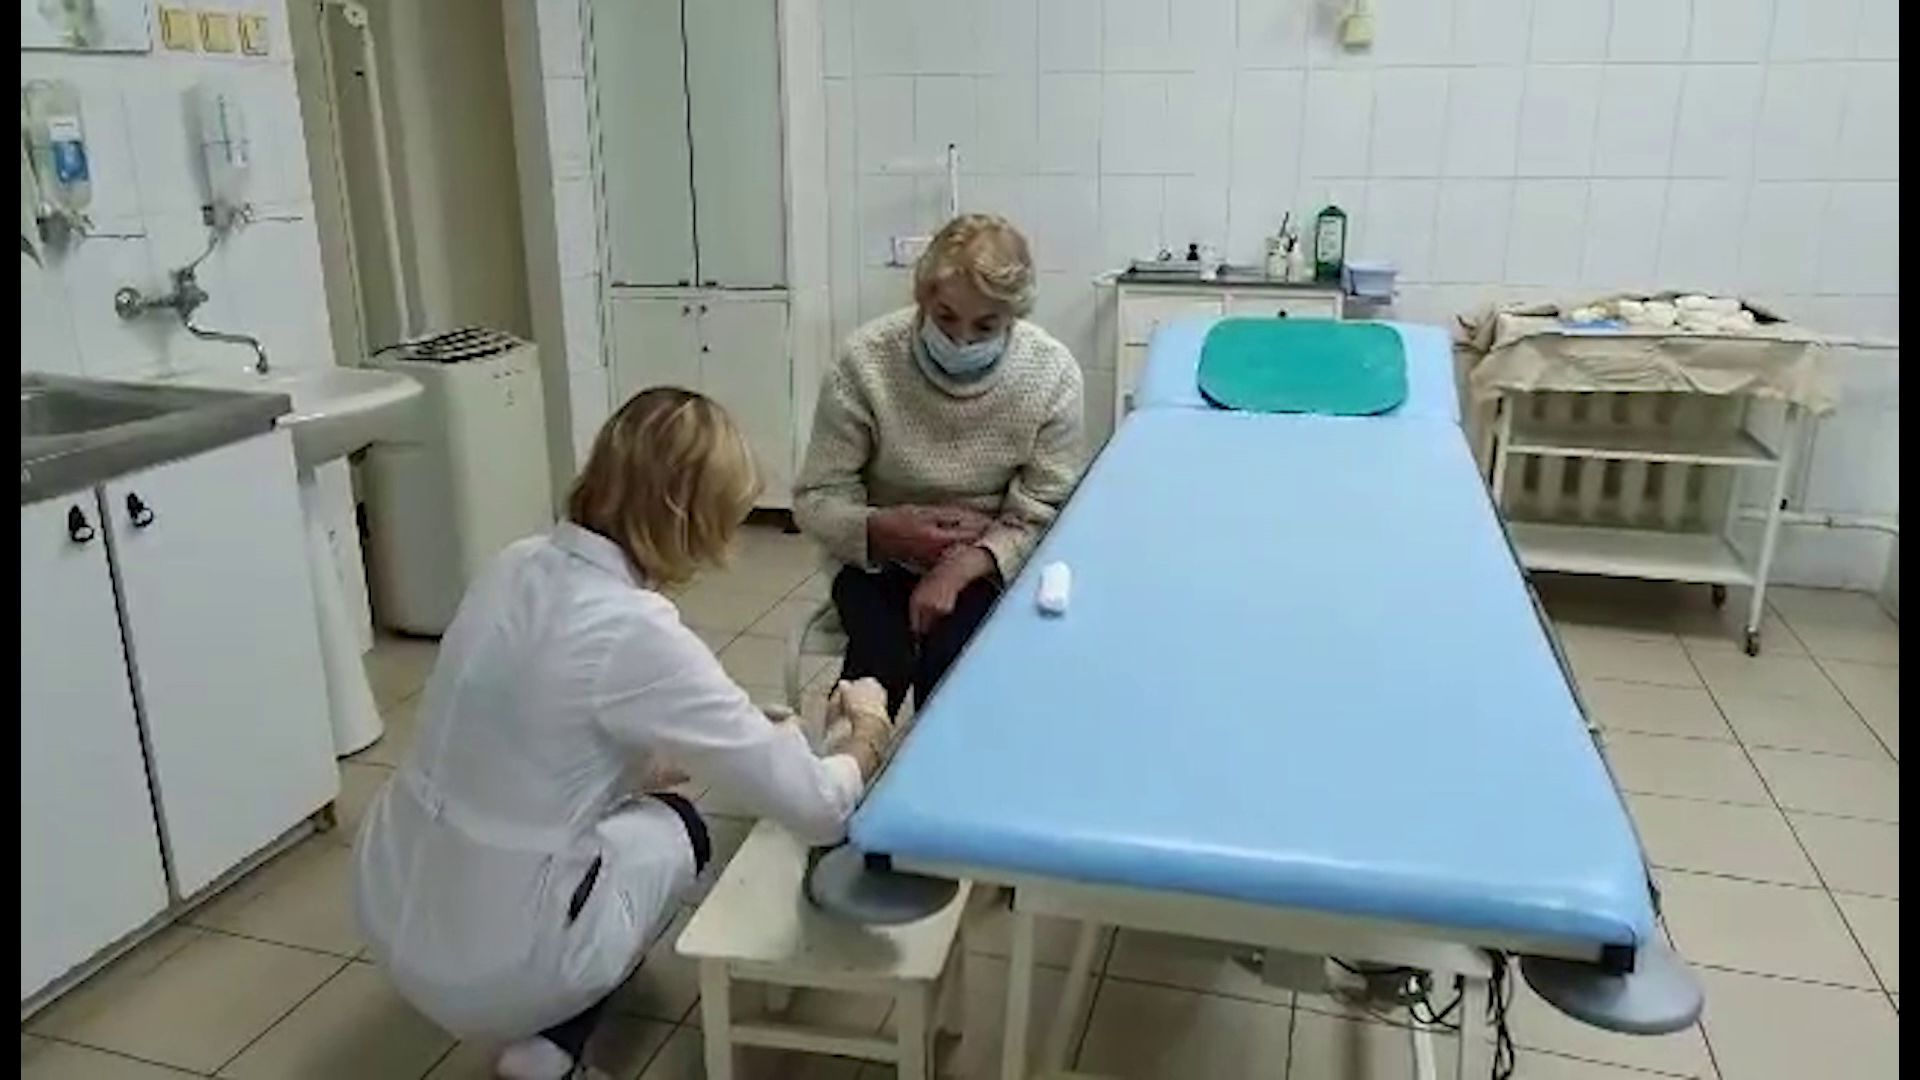 На жительницу Ярославля на улице напала собака бойцовской породы